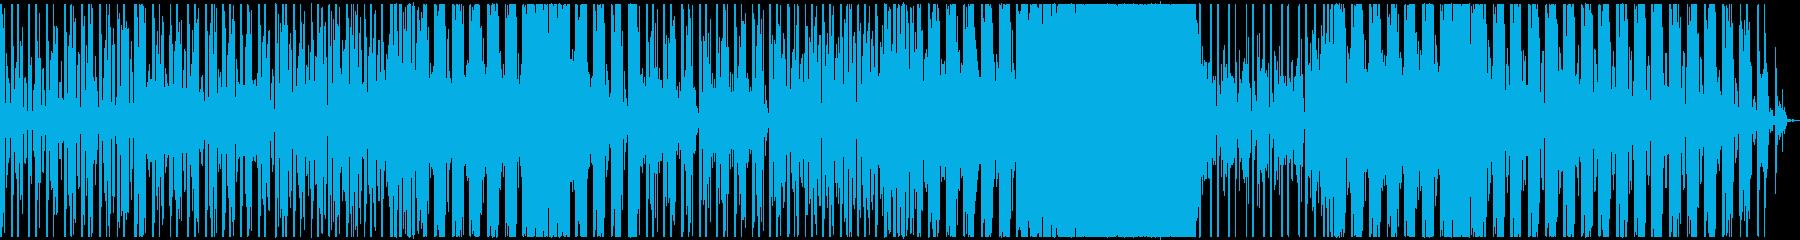 【英詩/女Vo/ダンス】Tracingの再生済みの波形